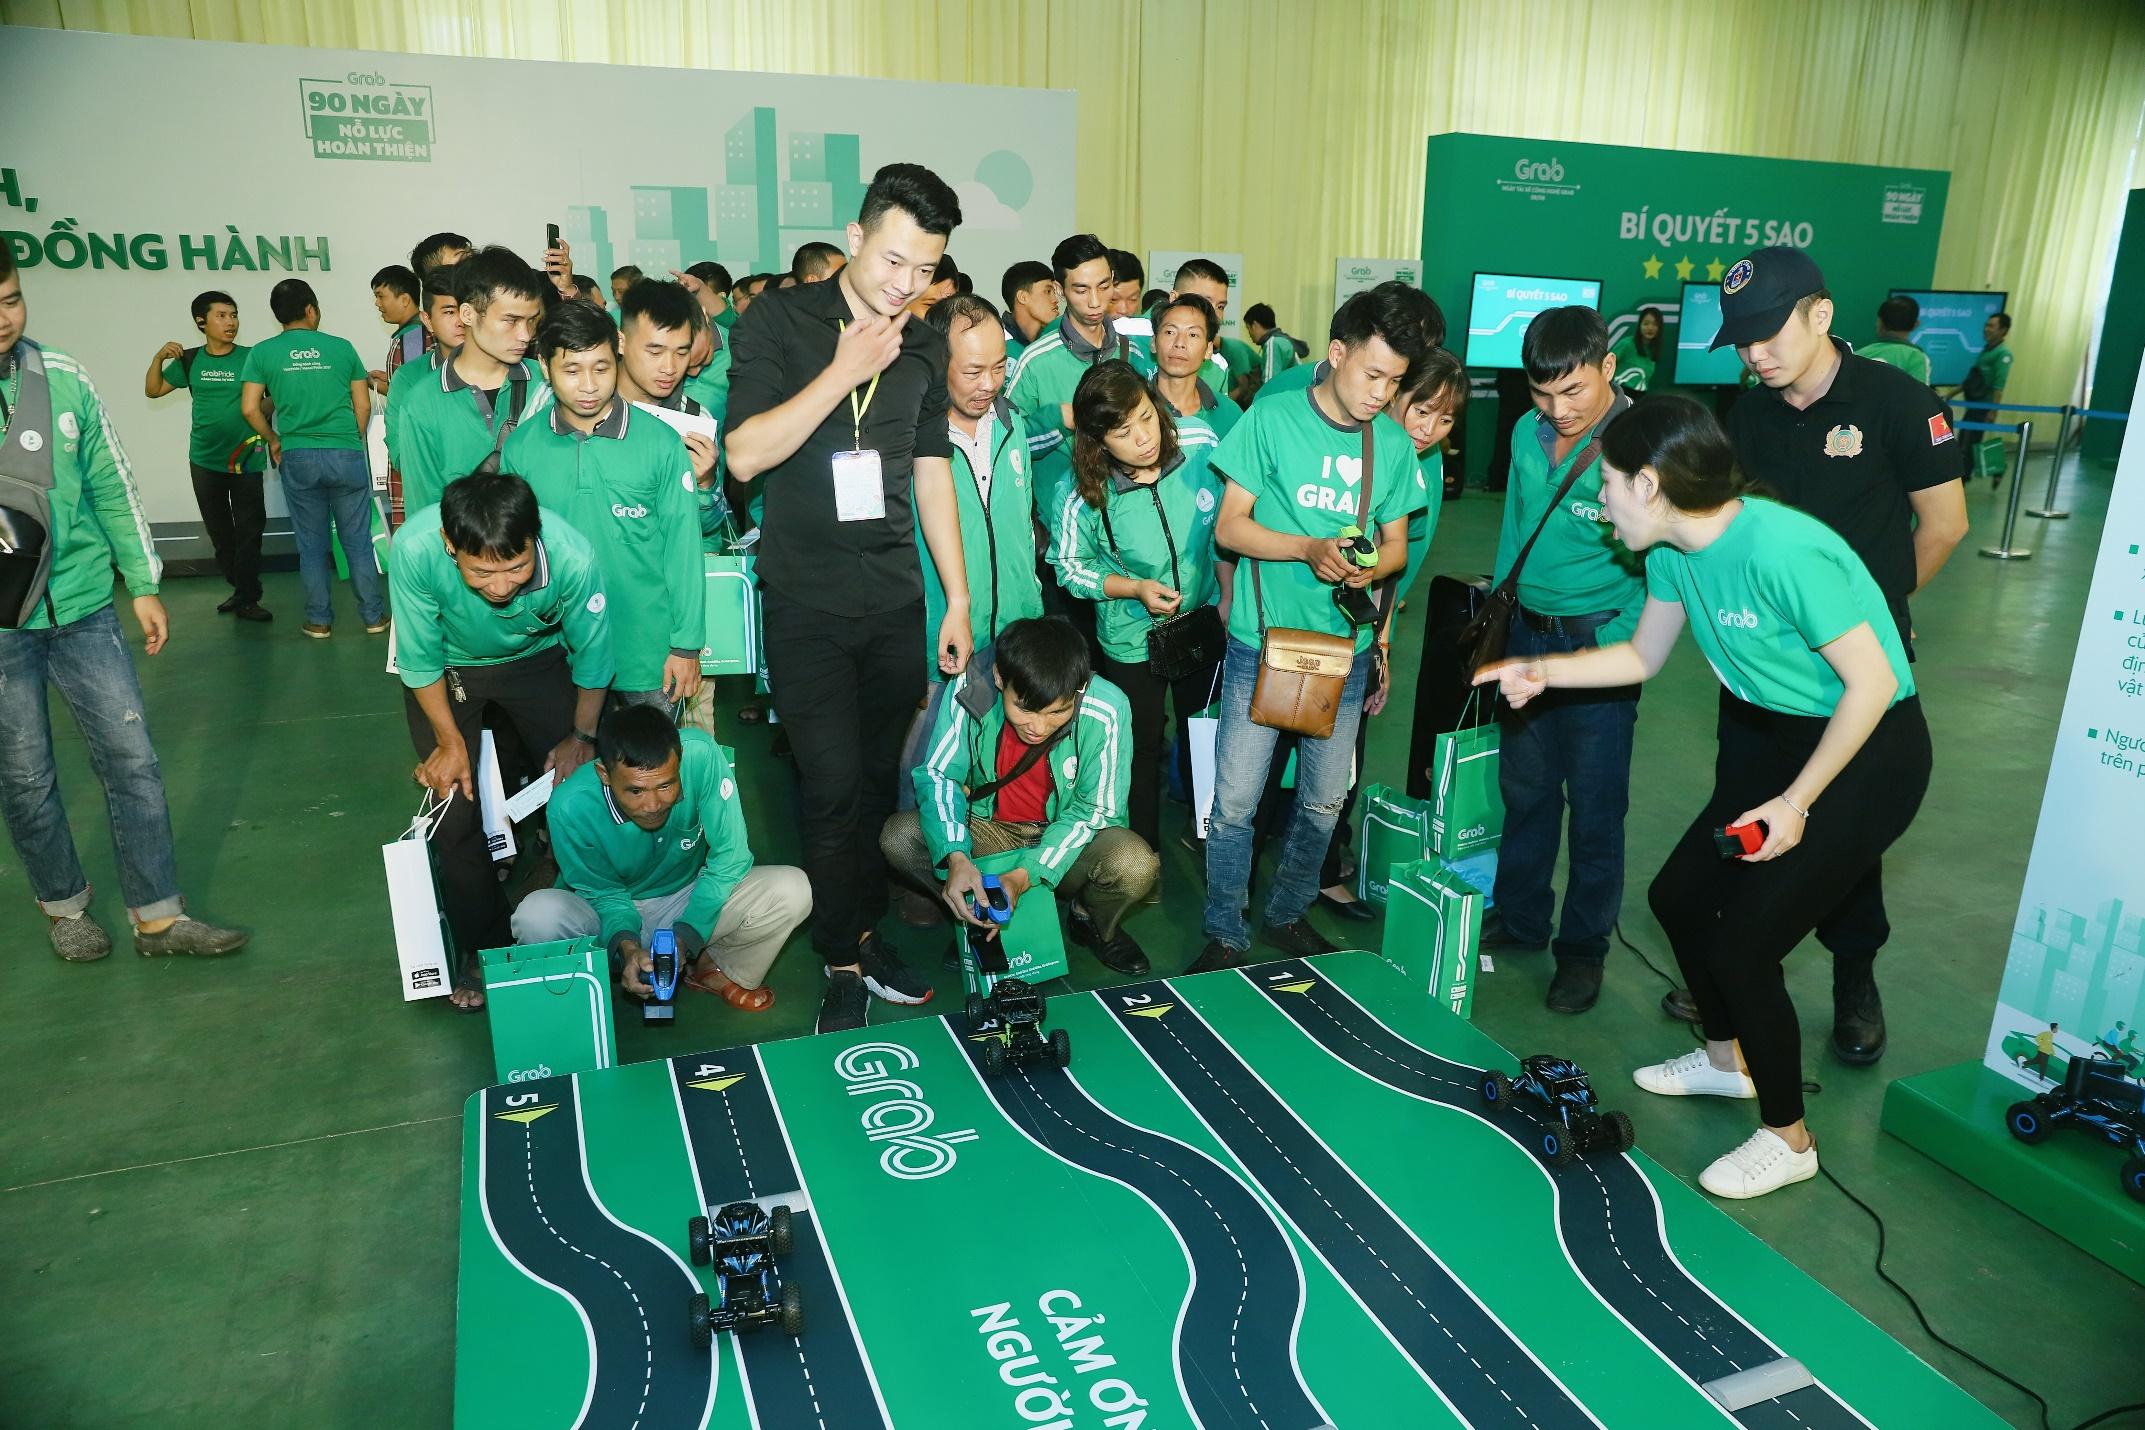 Hà Nội: Mặc mưa bão, Ngày hội tài xế công nghệ vẫn quy tụ hàng ngàn người tham gia - Ảnh 4.